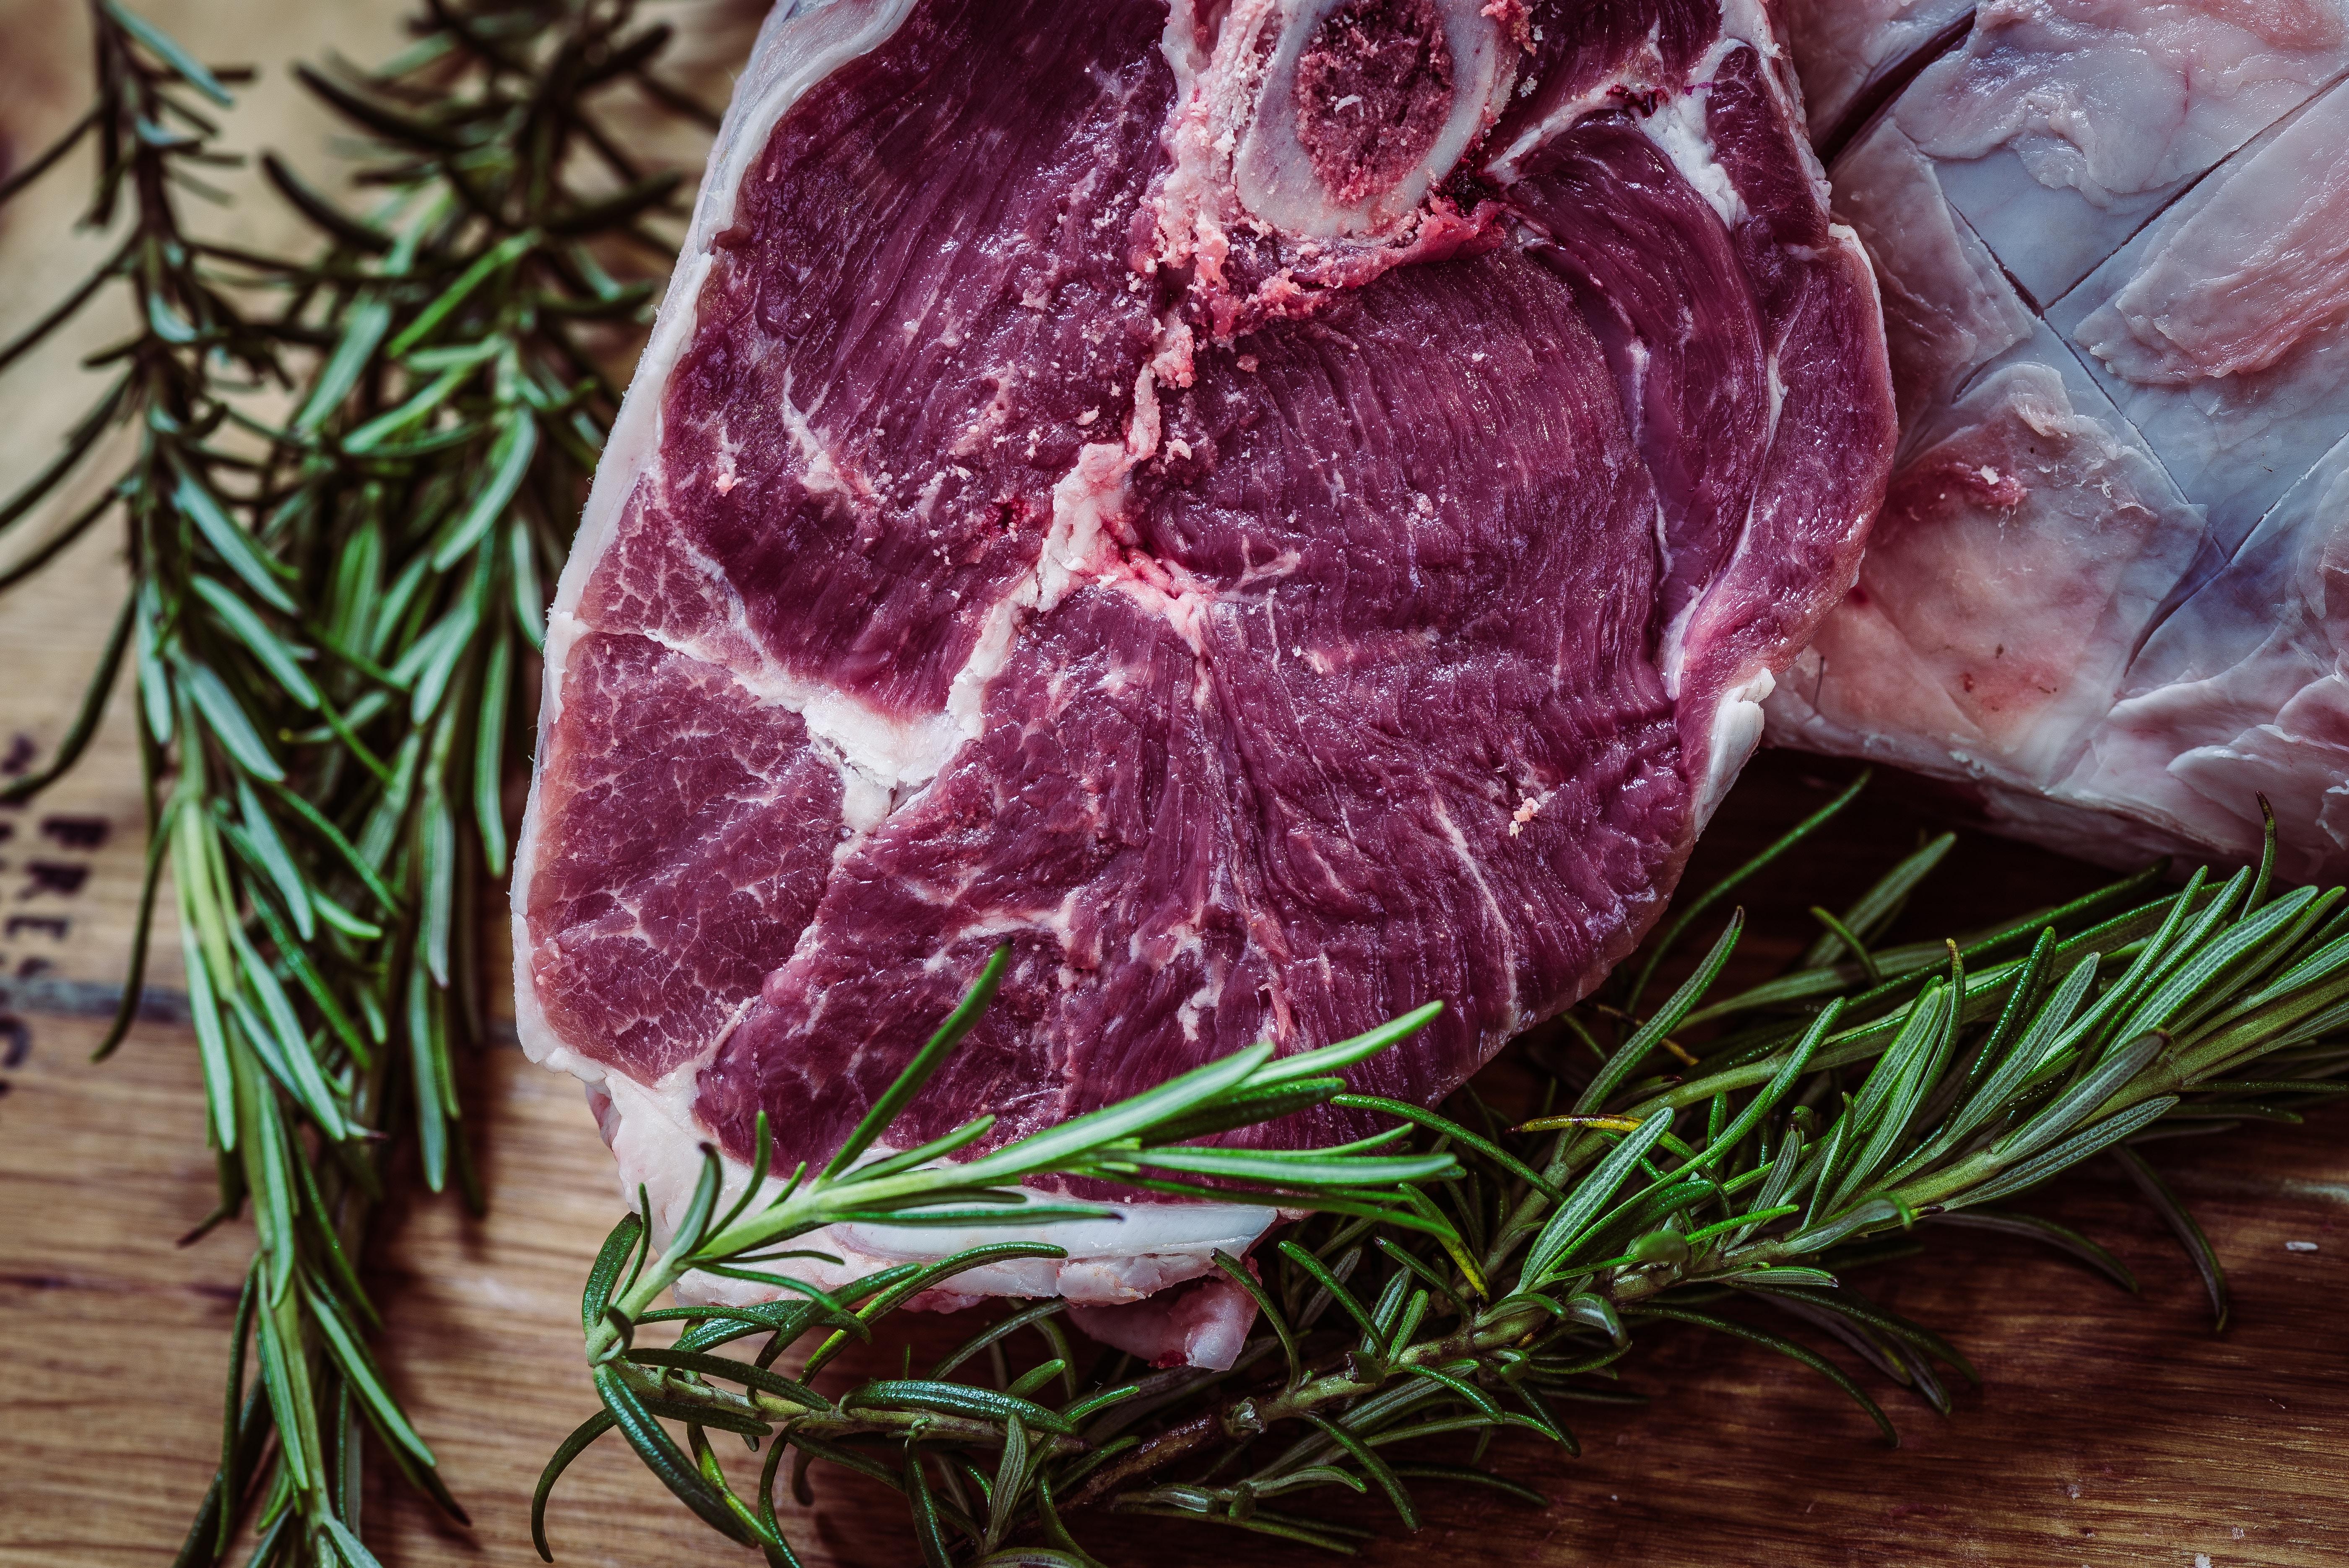 Heatherlea's Beef Butchery Class: Hind Quarter